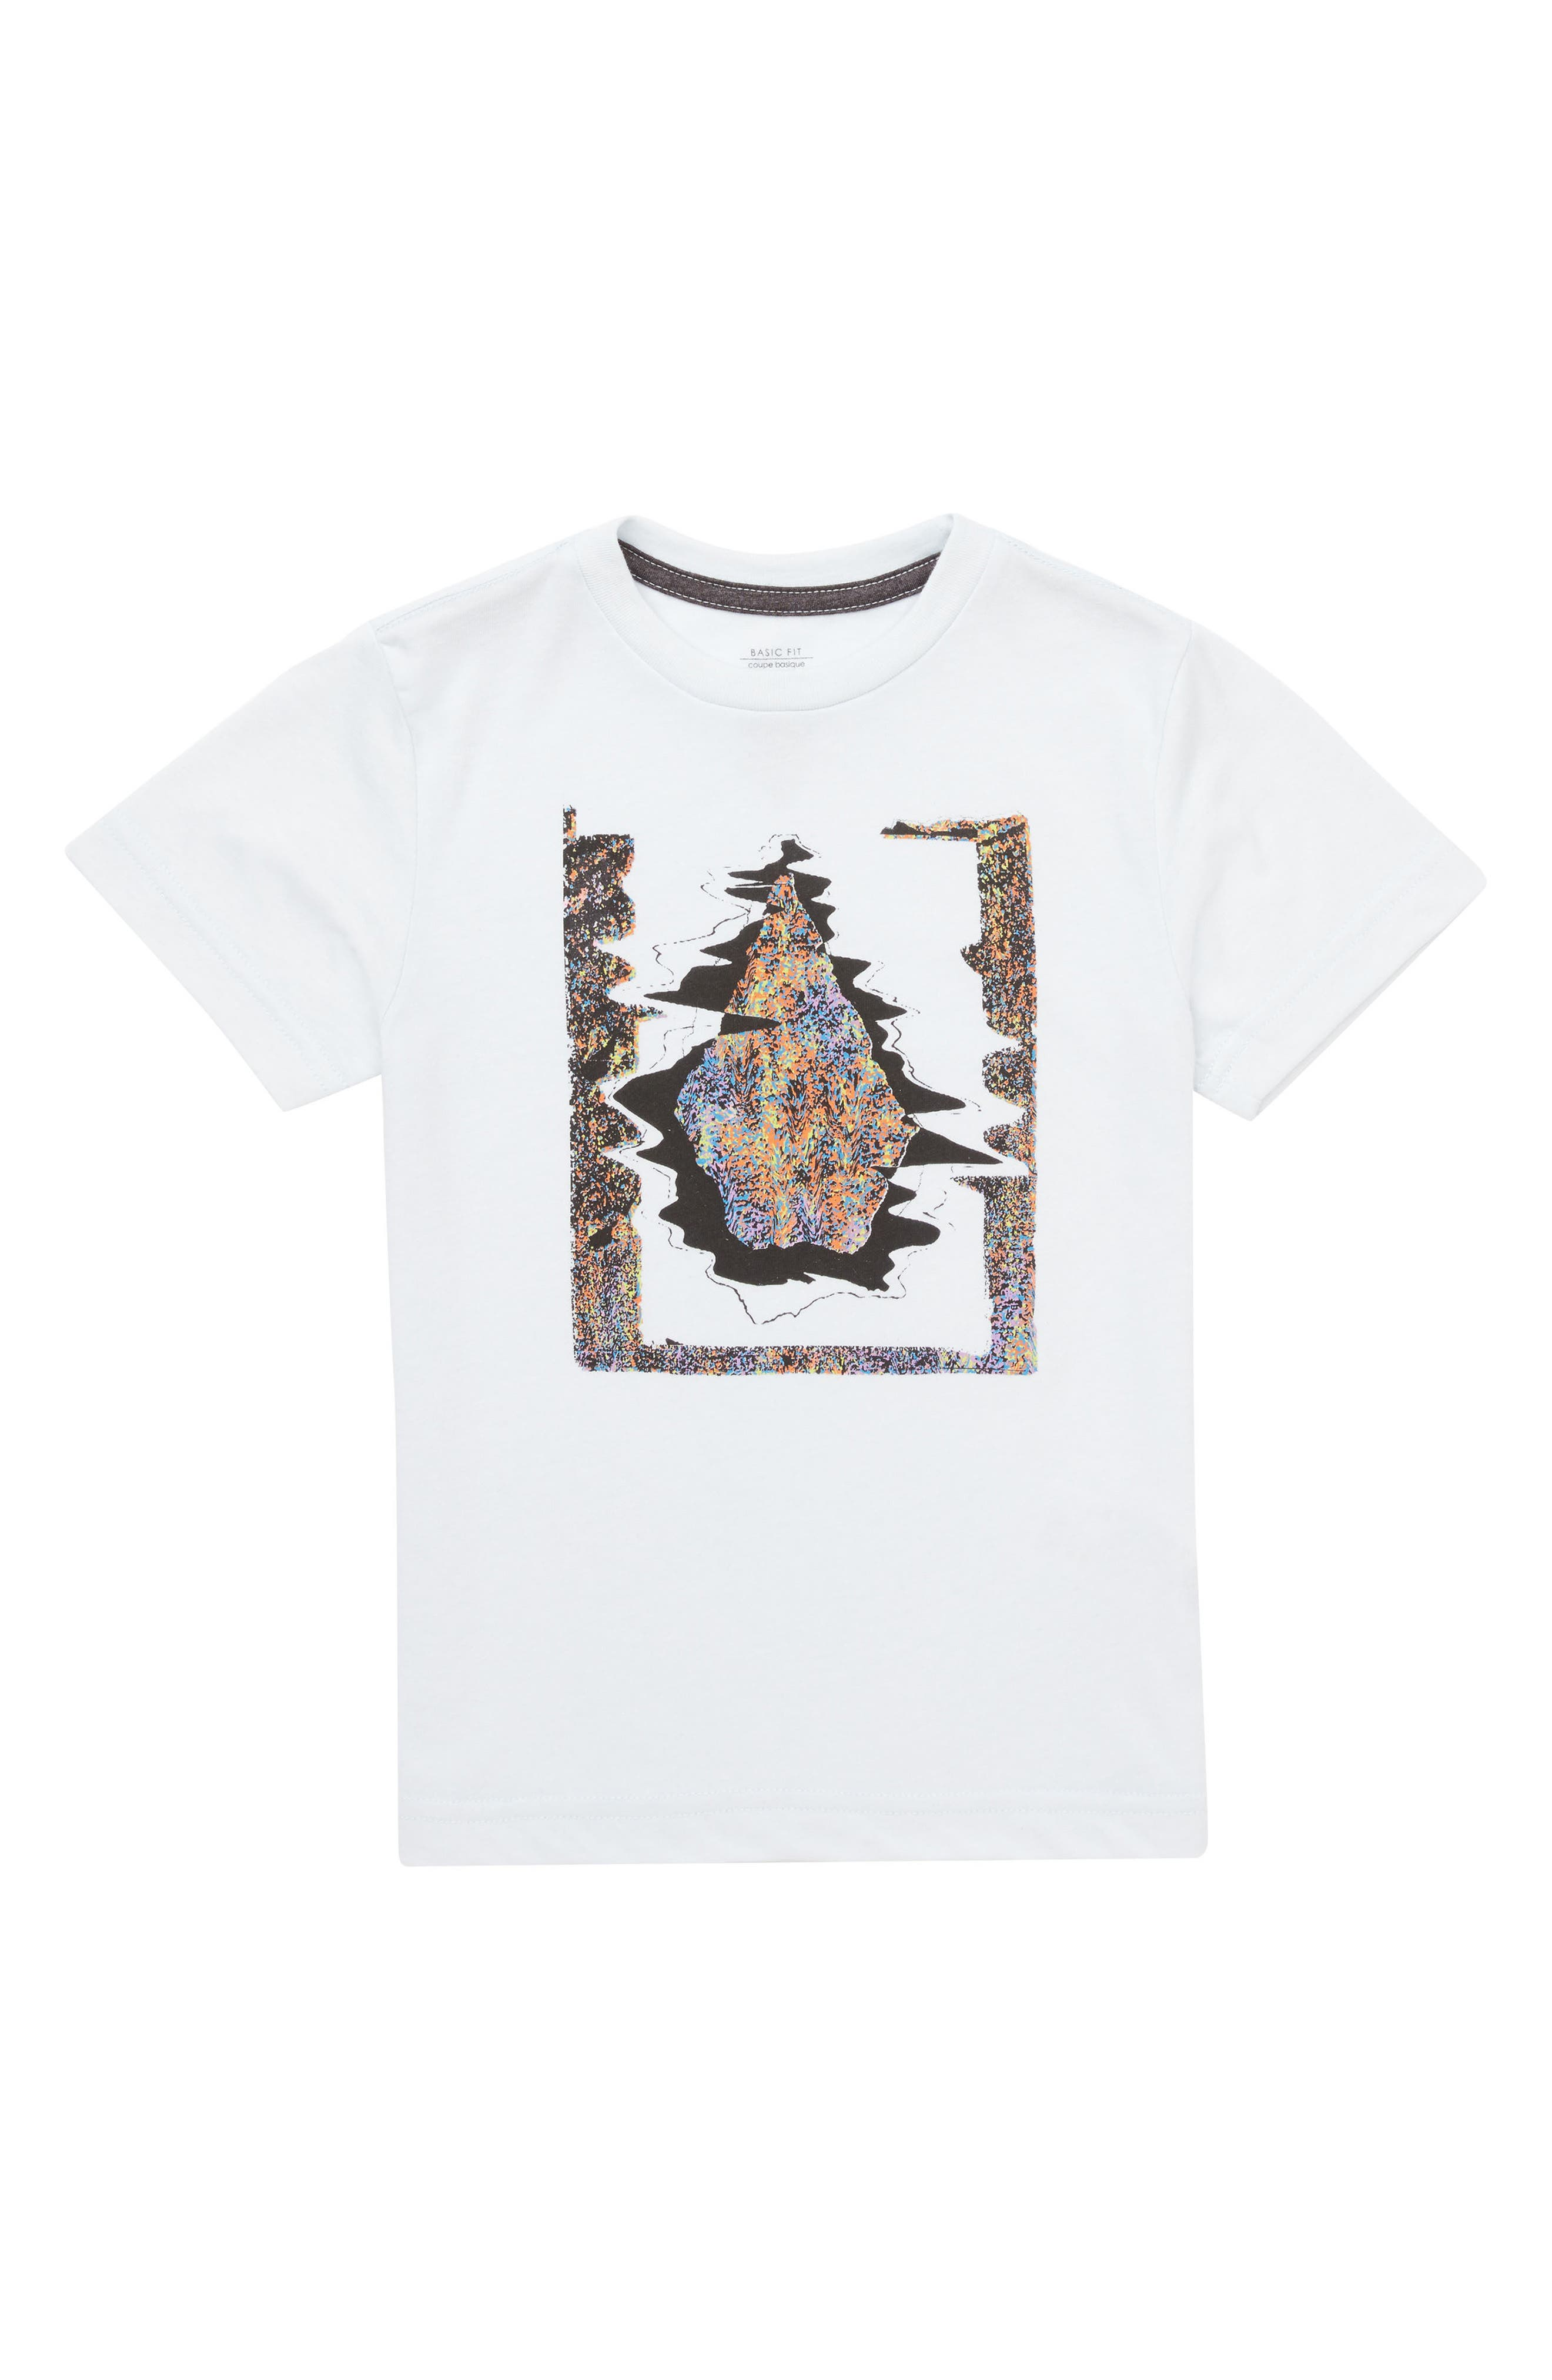 Statiq Graphic T-Shirt,                         Main,                         color, White